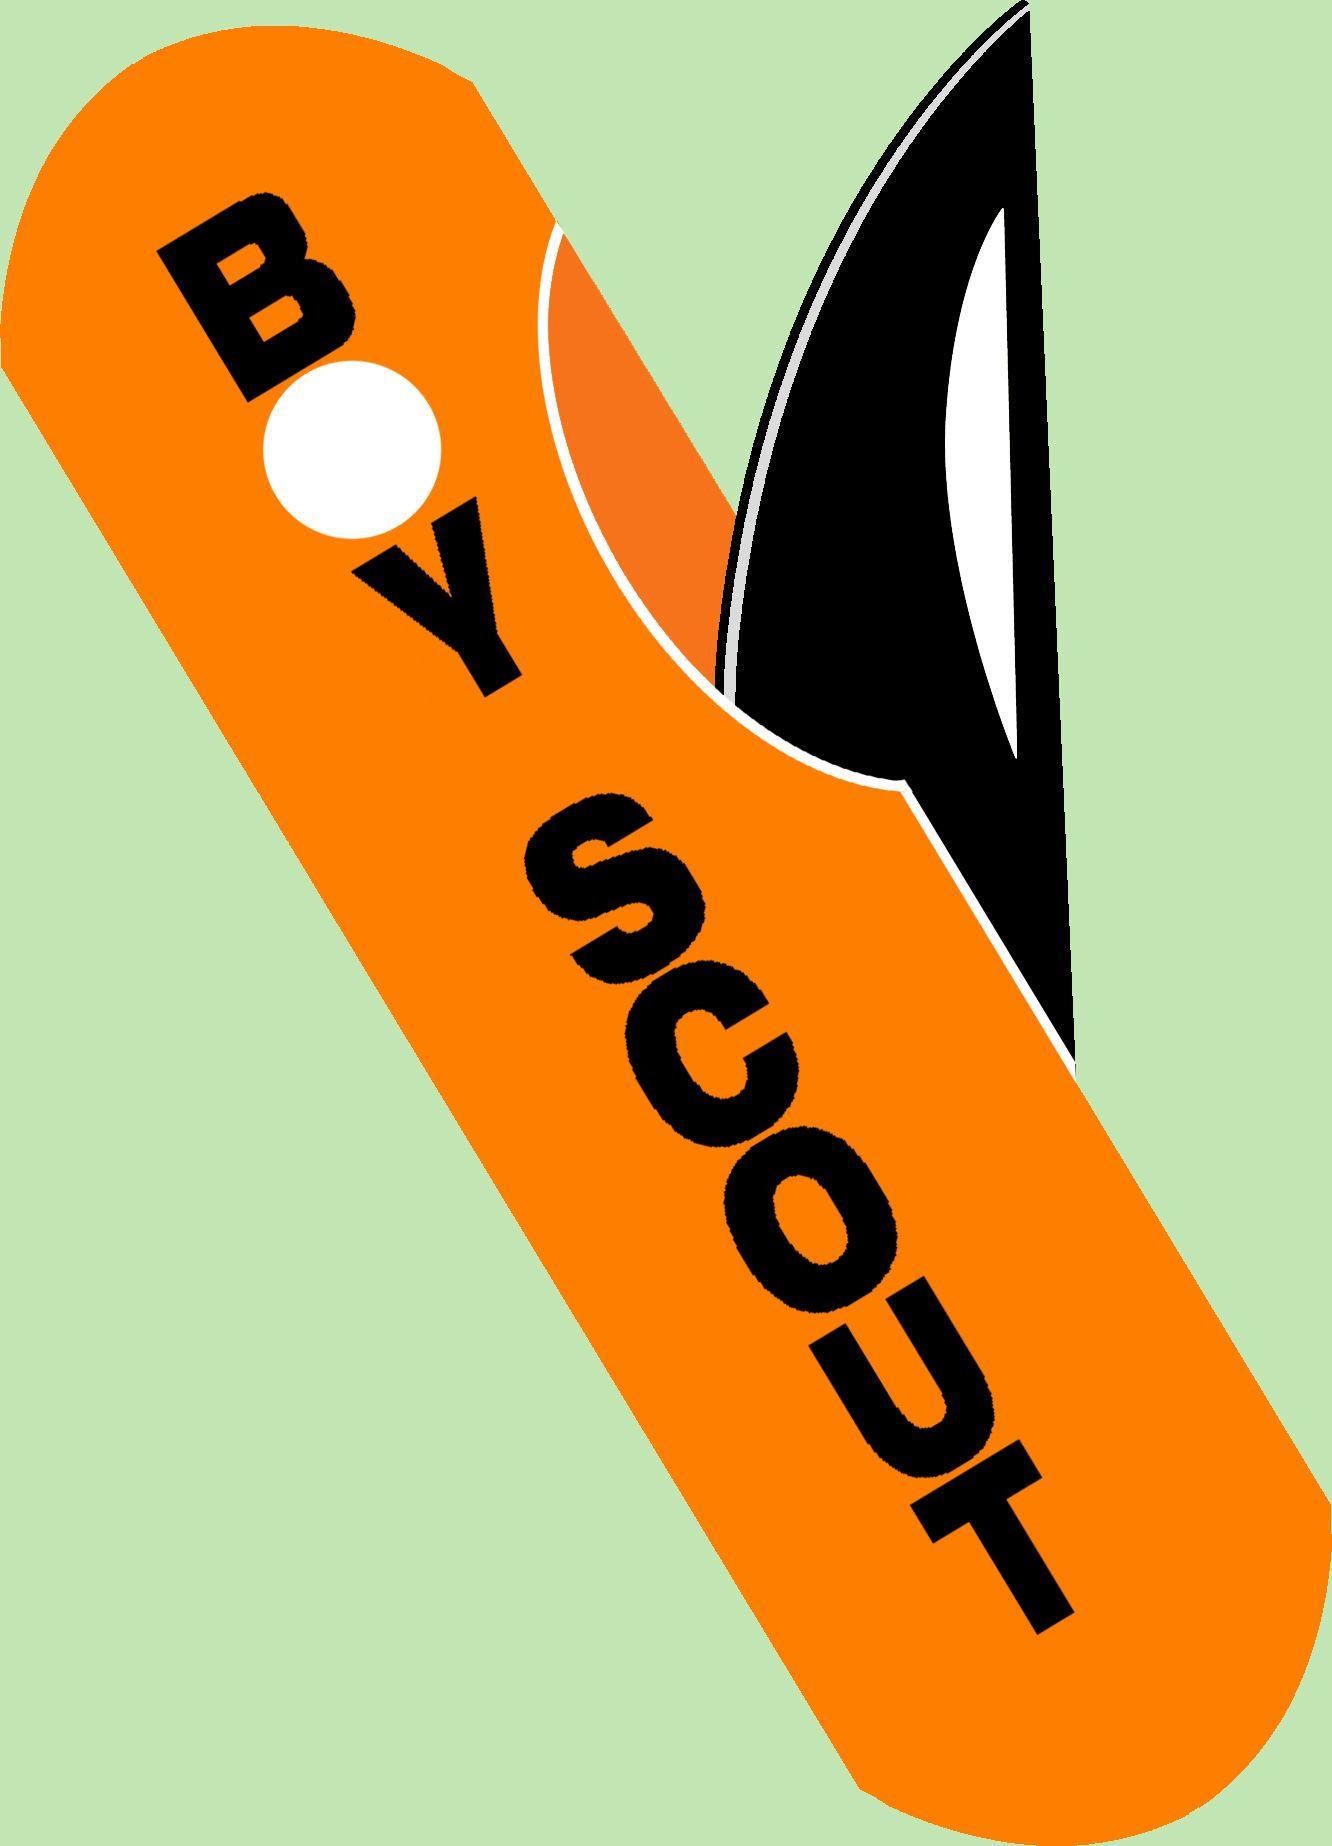 Логотип для сайта интернет-магазина BOY SCOUT - дизайнер Smorgreek